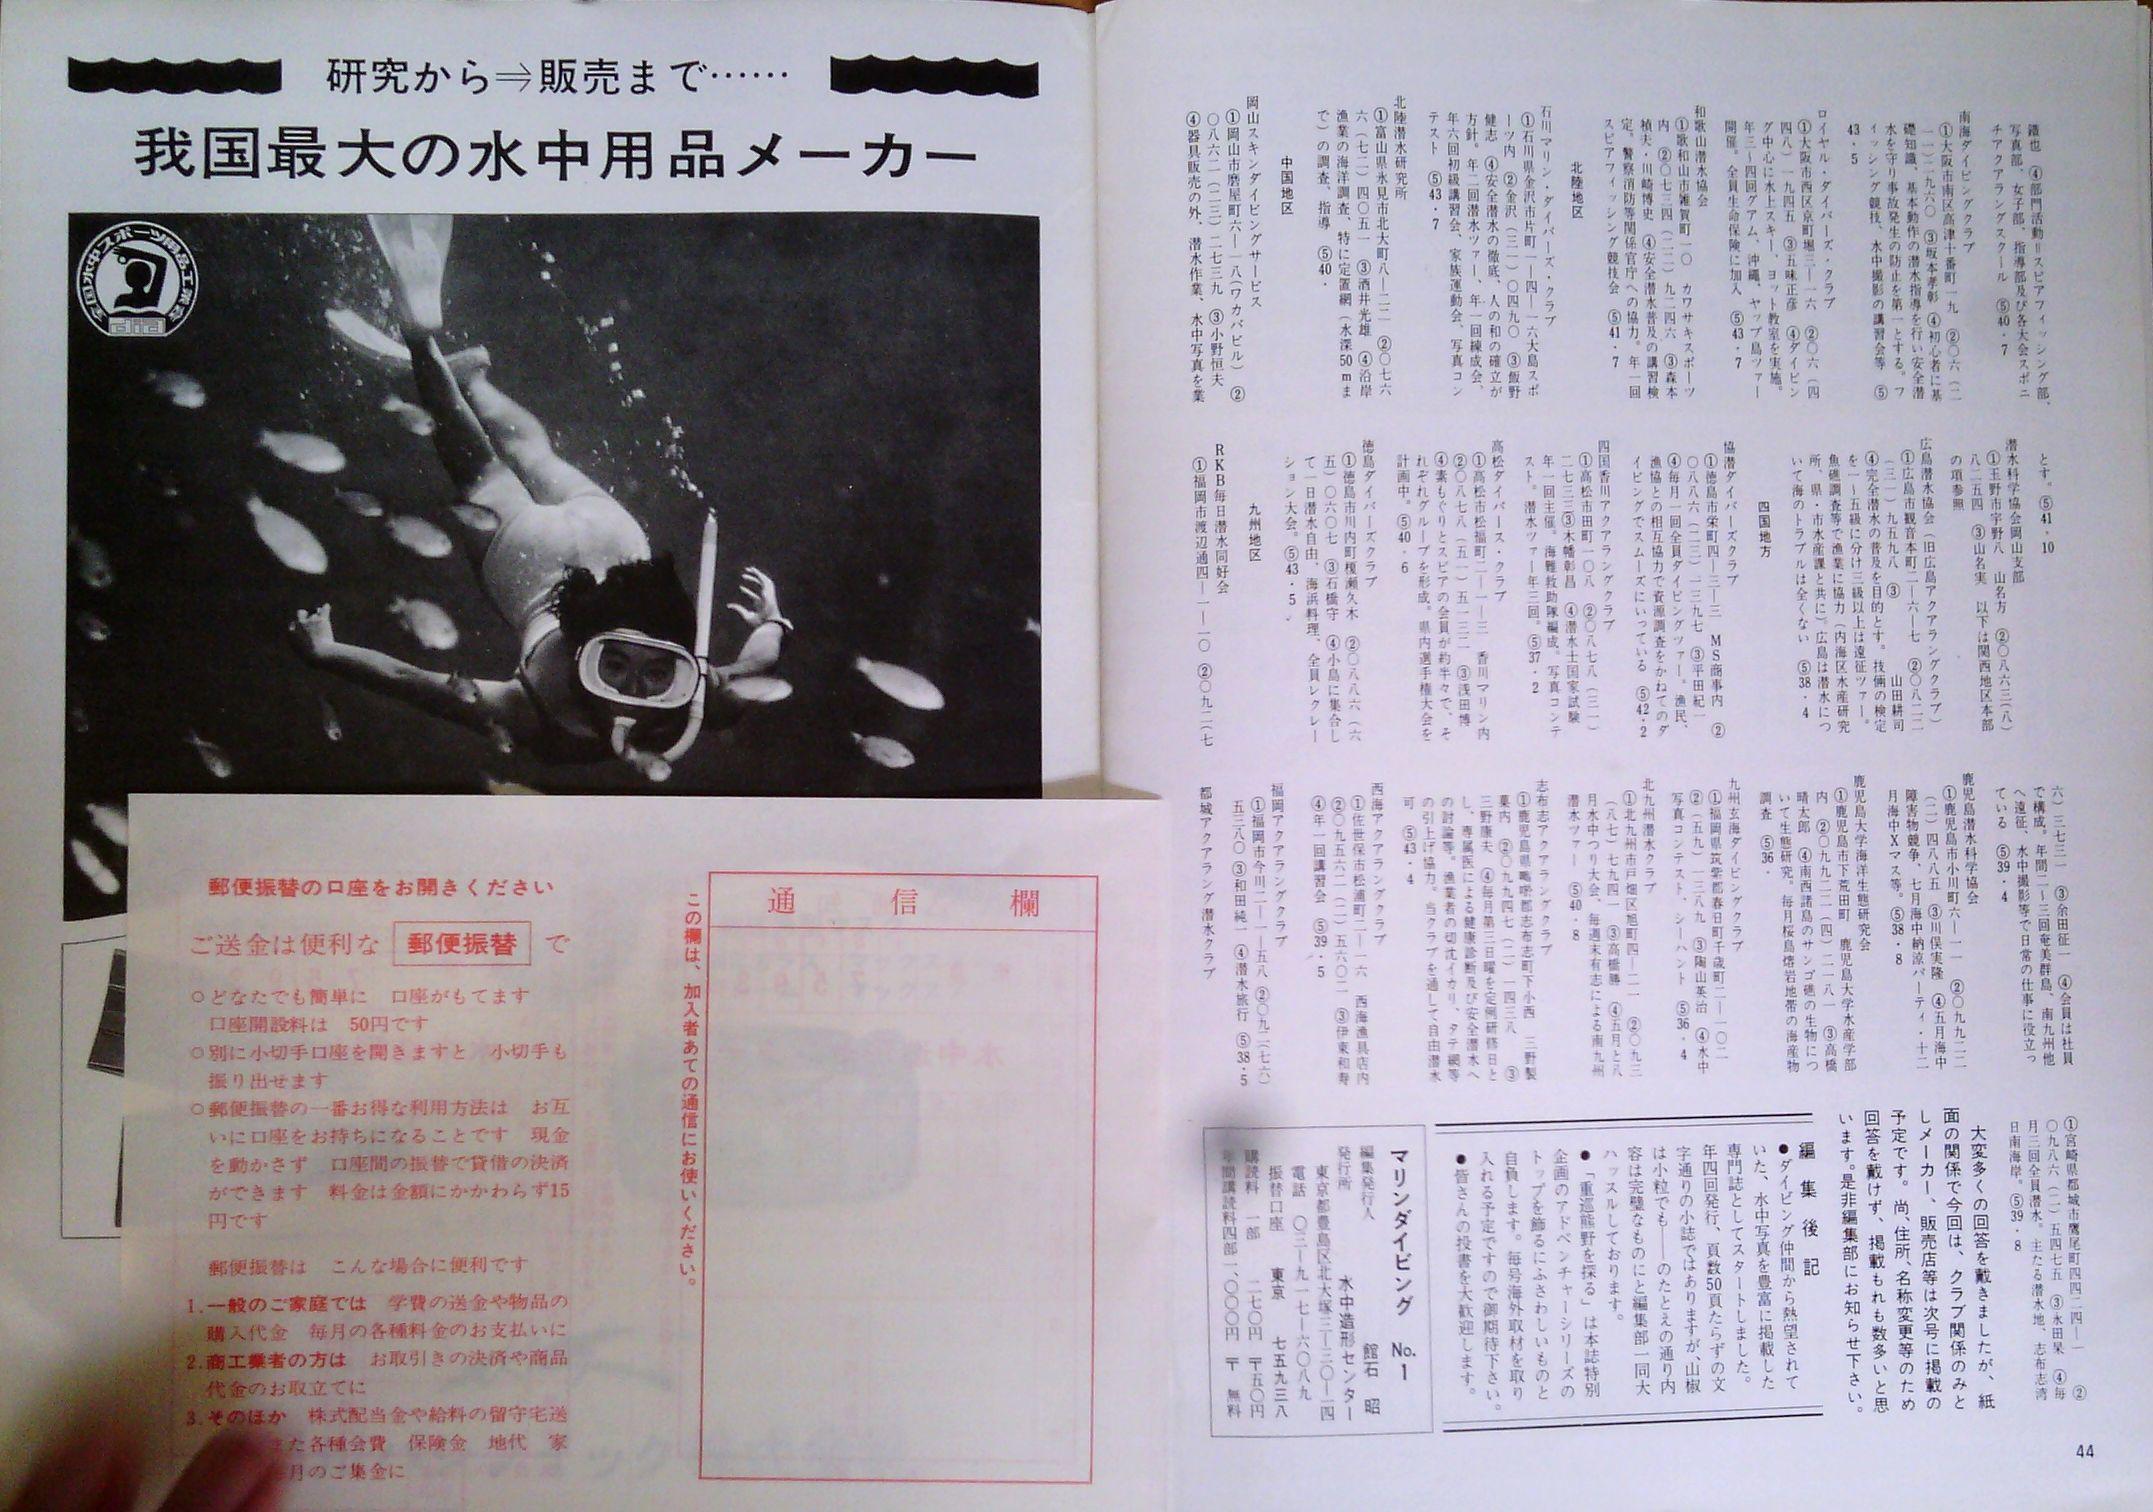 0323  ダイビングの歴史56  マリンダイビング創刊1969_b0075059_14312038.jpg